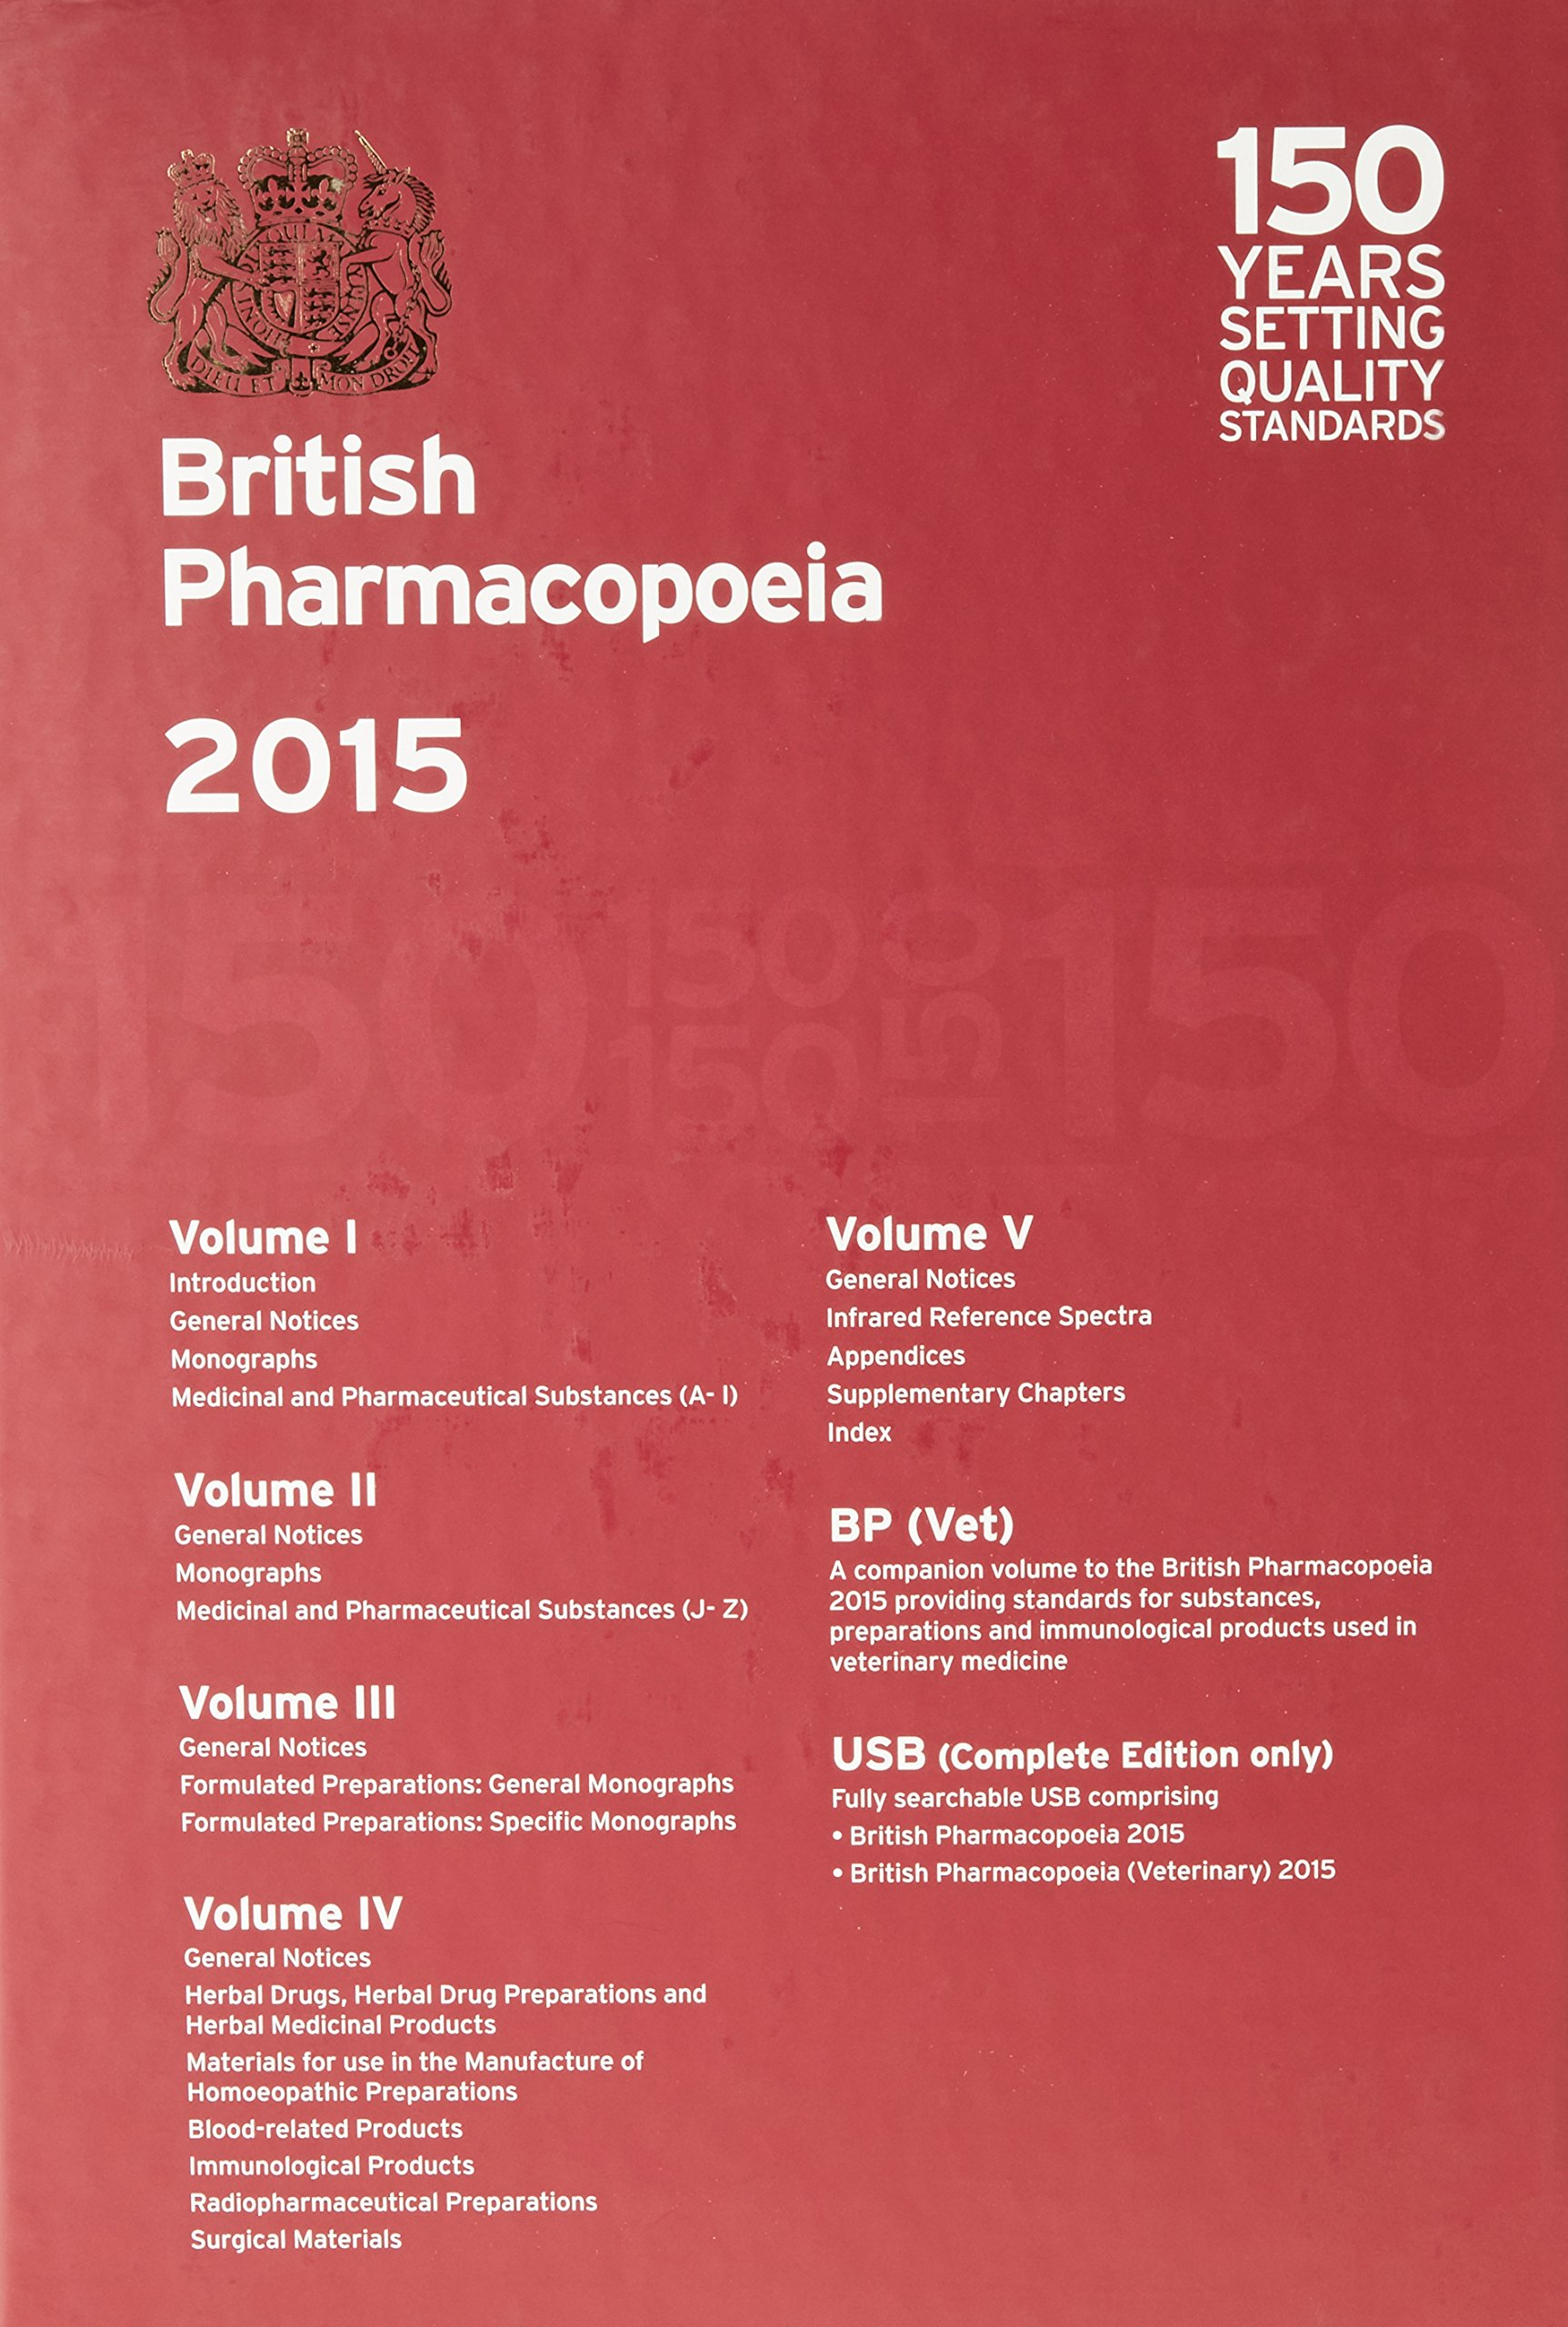 European Pharmacopoeia 8th Edition Pdf